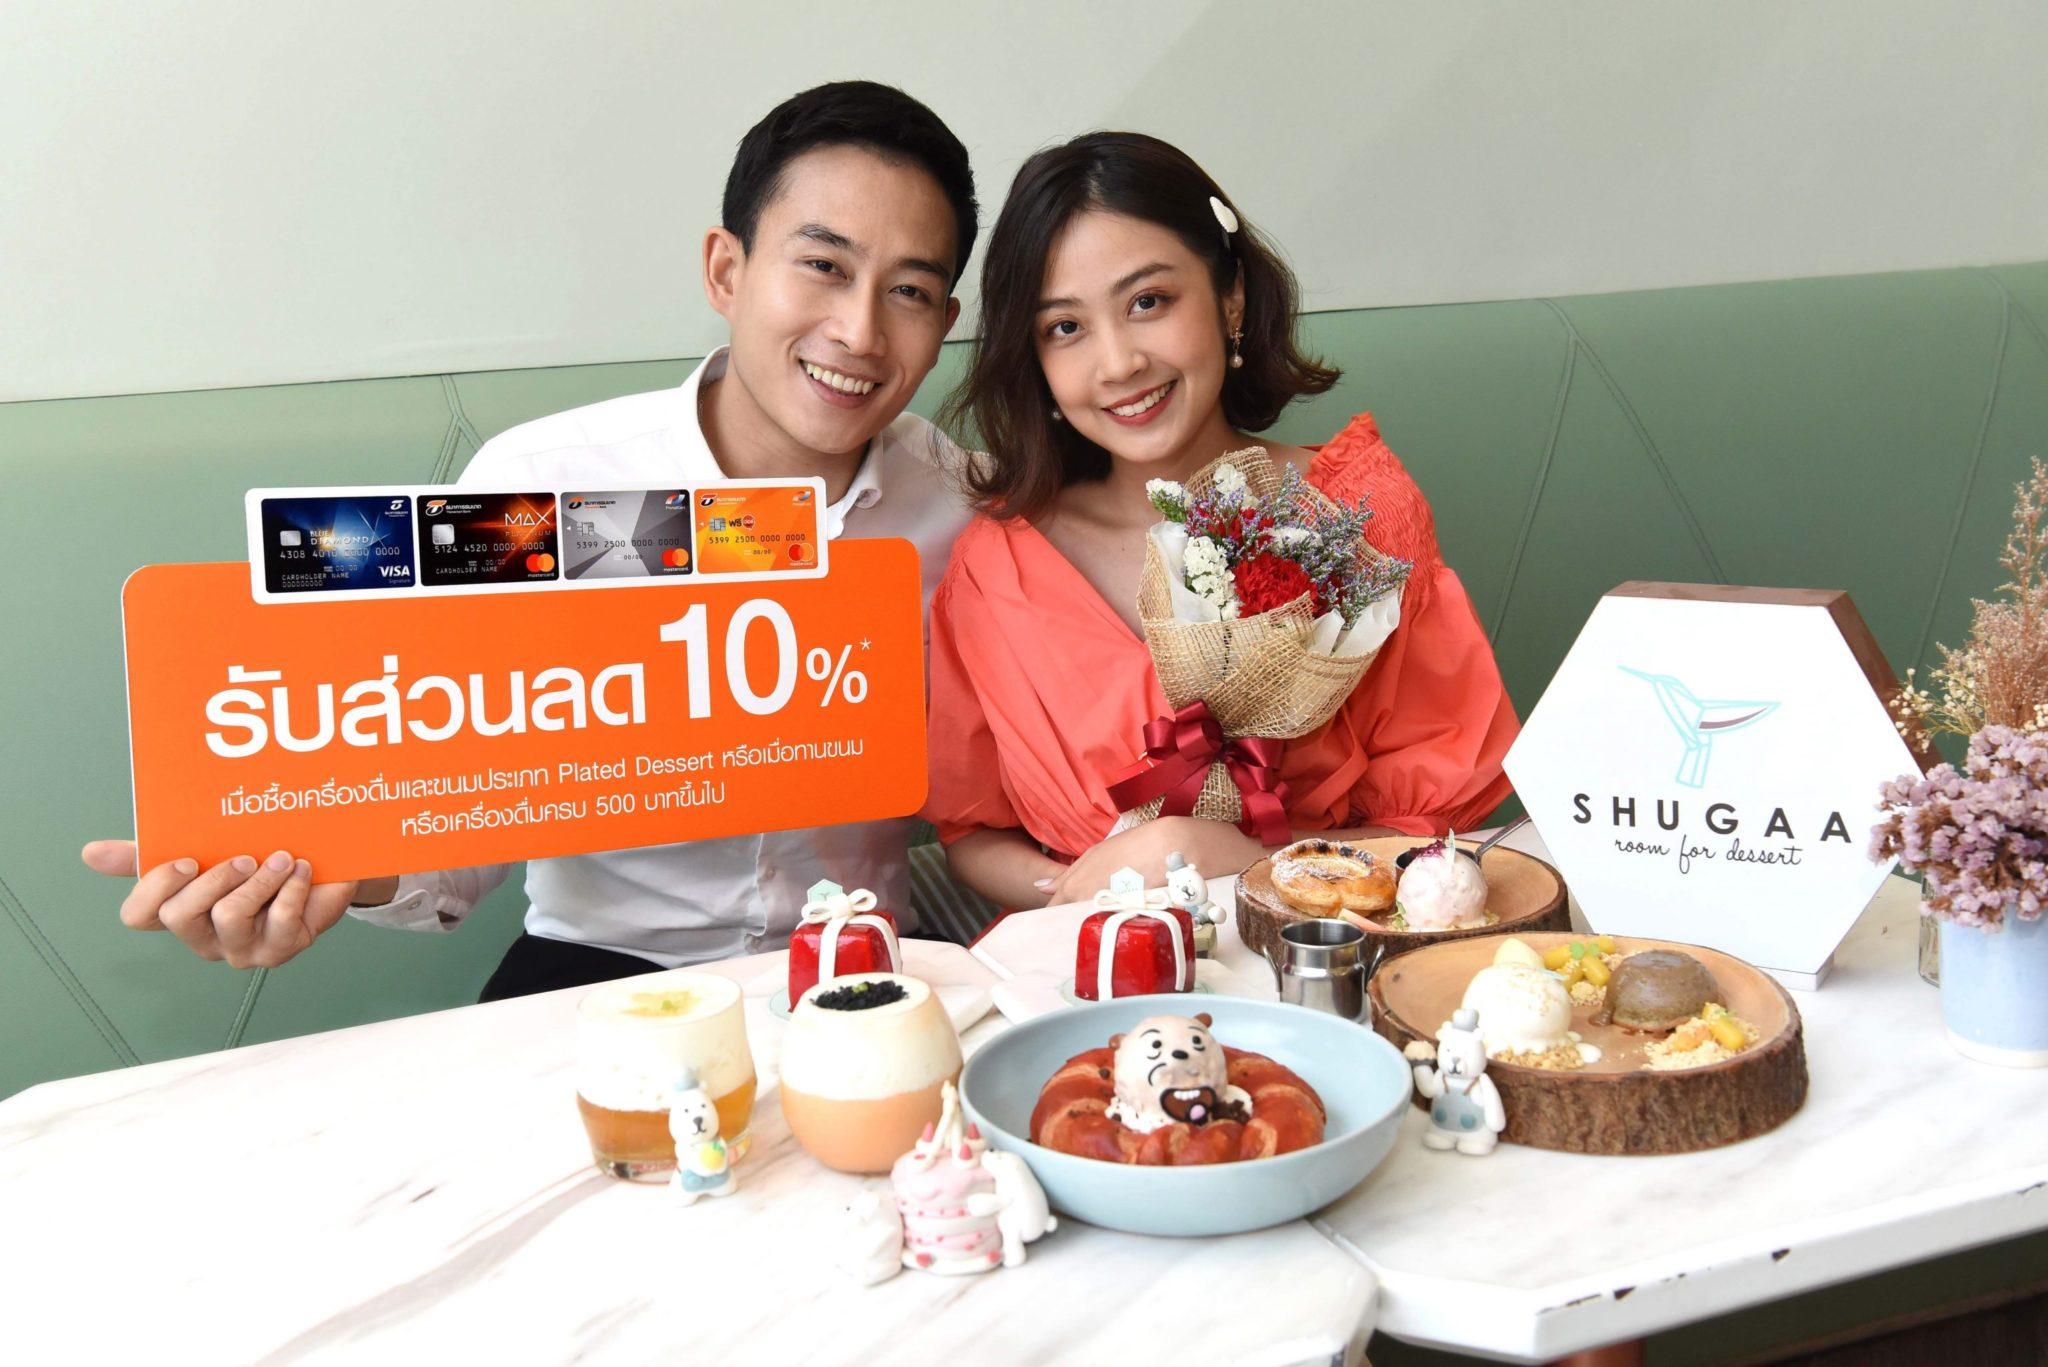 ลูกค้าบัตรธนชาตควงคู่รักเติมความหวานฉลองวาเลนไทน์  ลิ้มรสขนมอร่อยที่ร้าน SHUGAA รับส่วนลด 10% 2 -